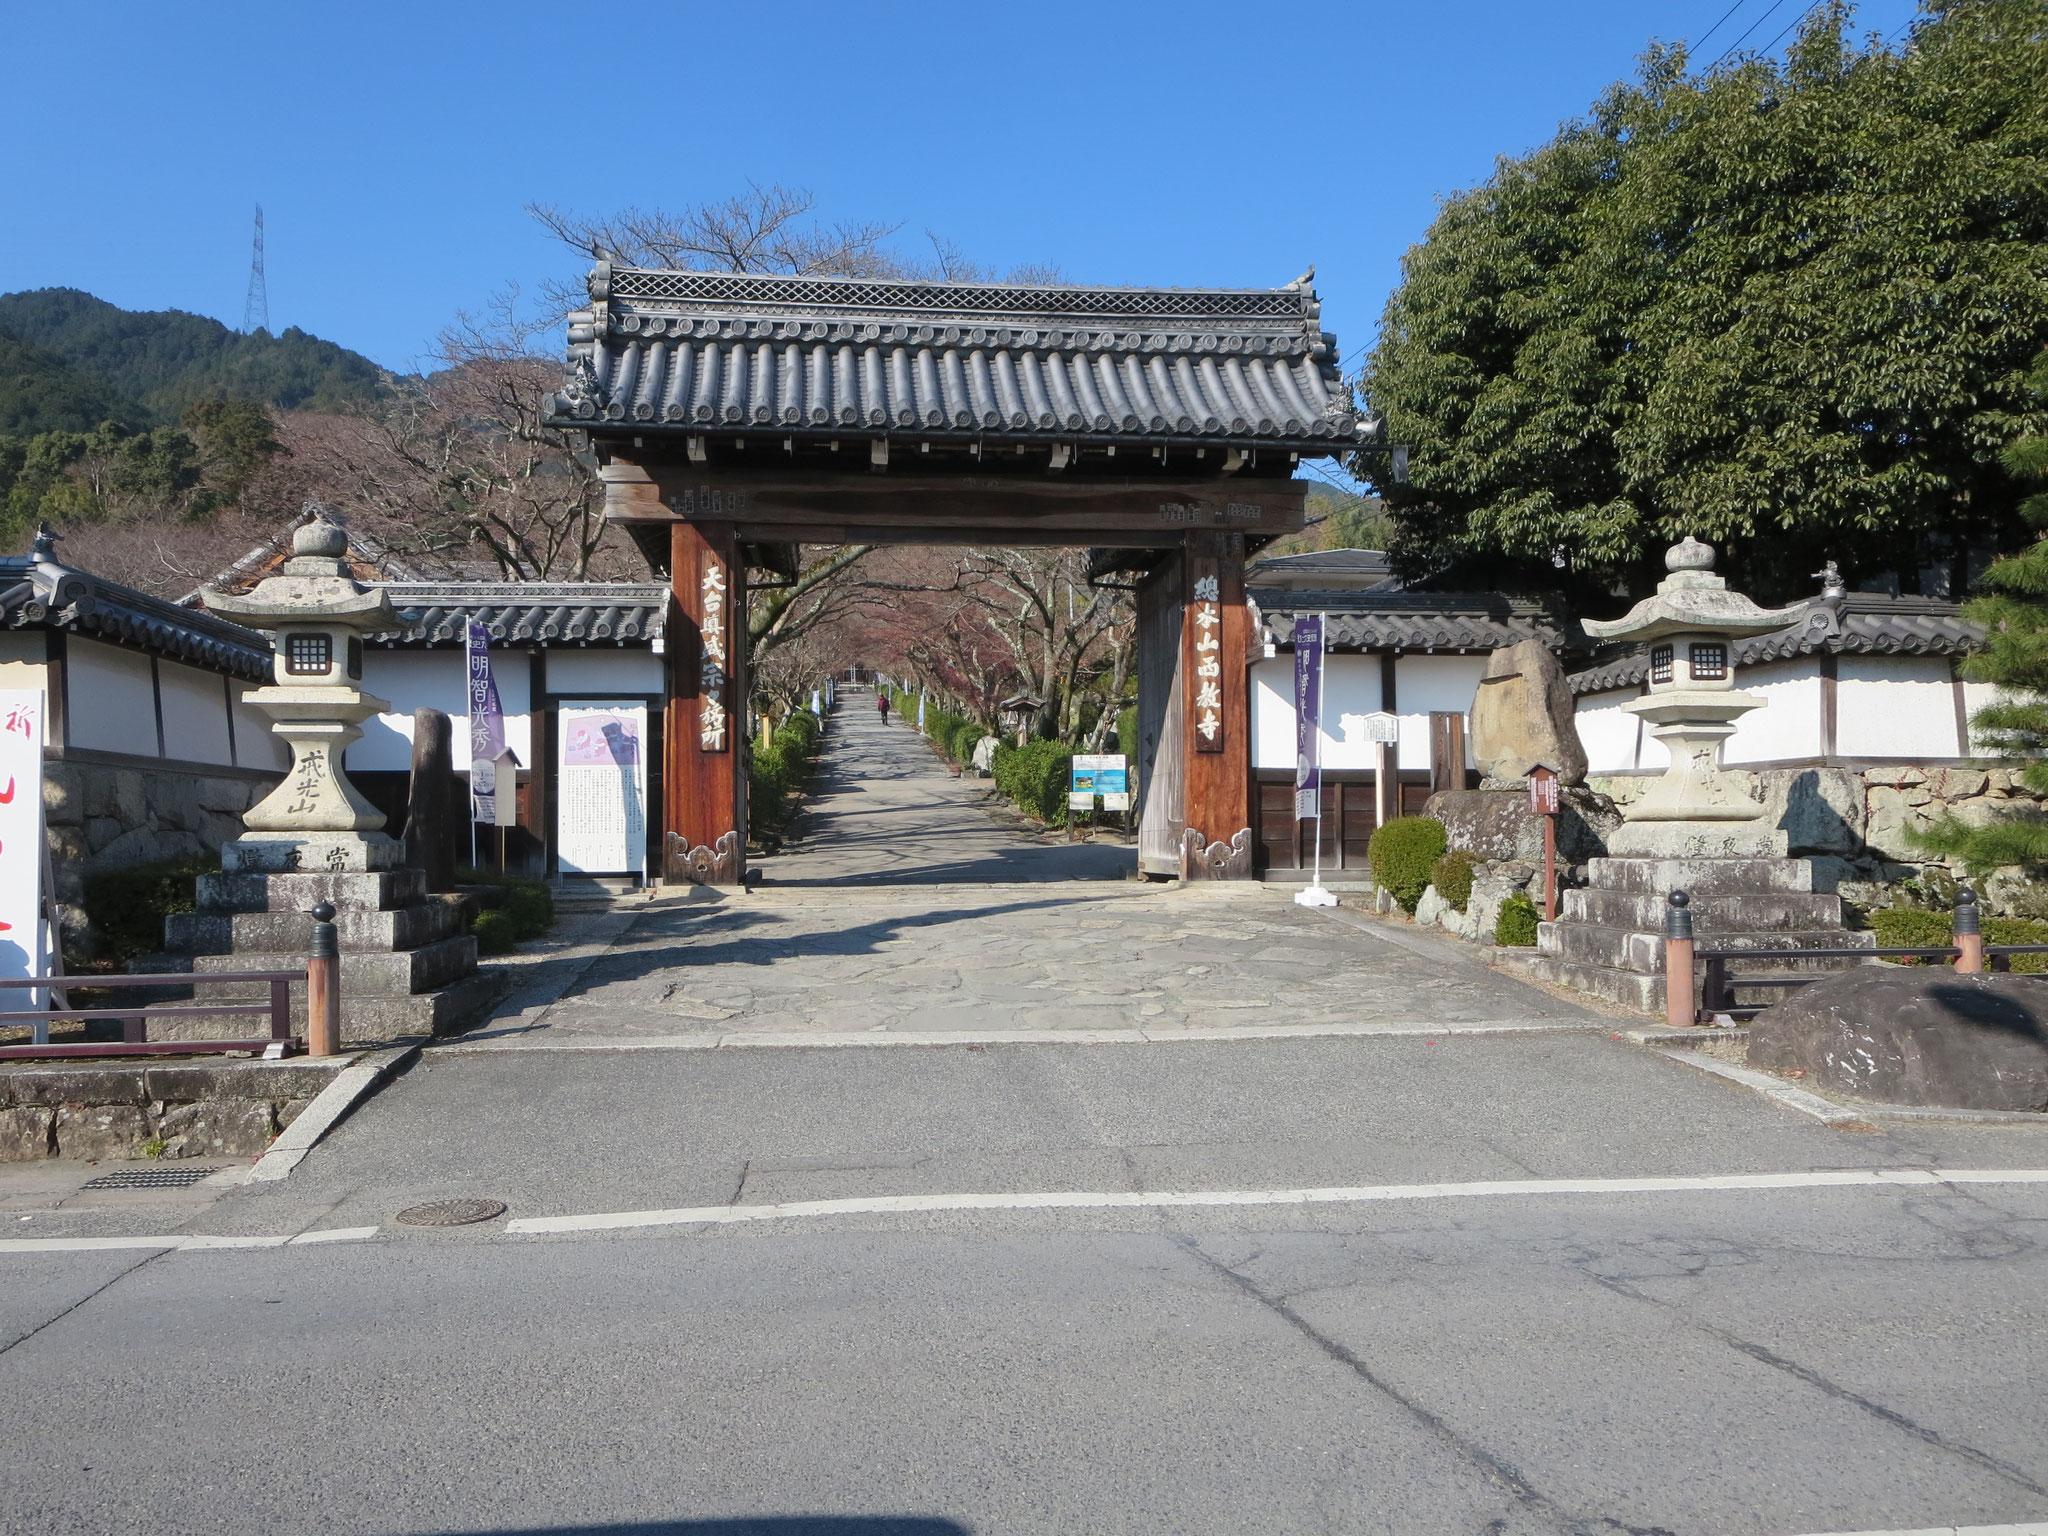 光秀が坂本城門を移築した総門